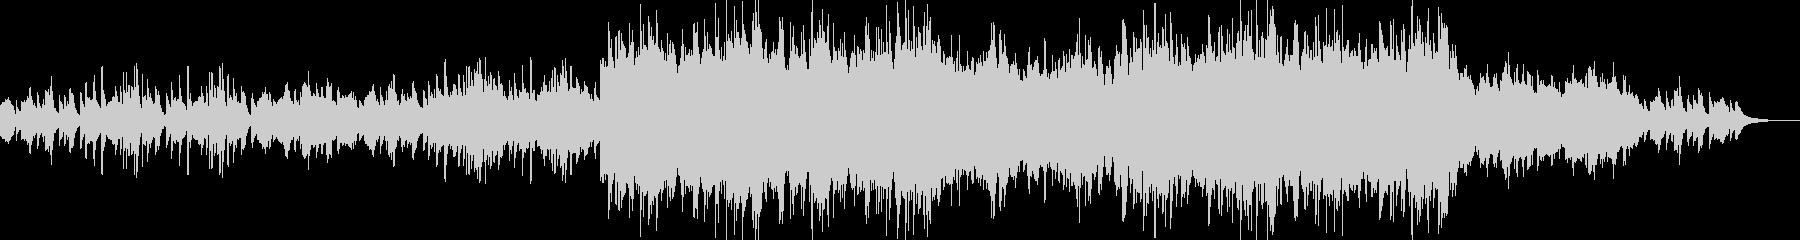 ピアノとストリングスによるバラードBGMの未再生の波形